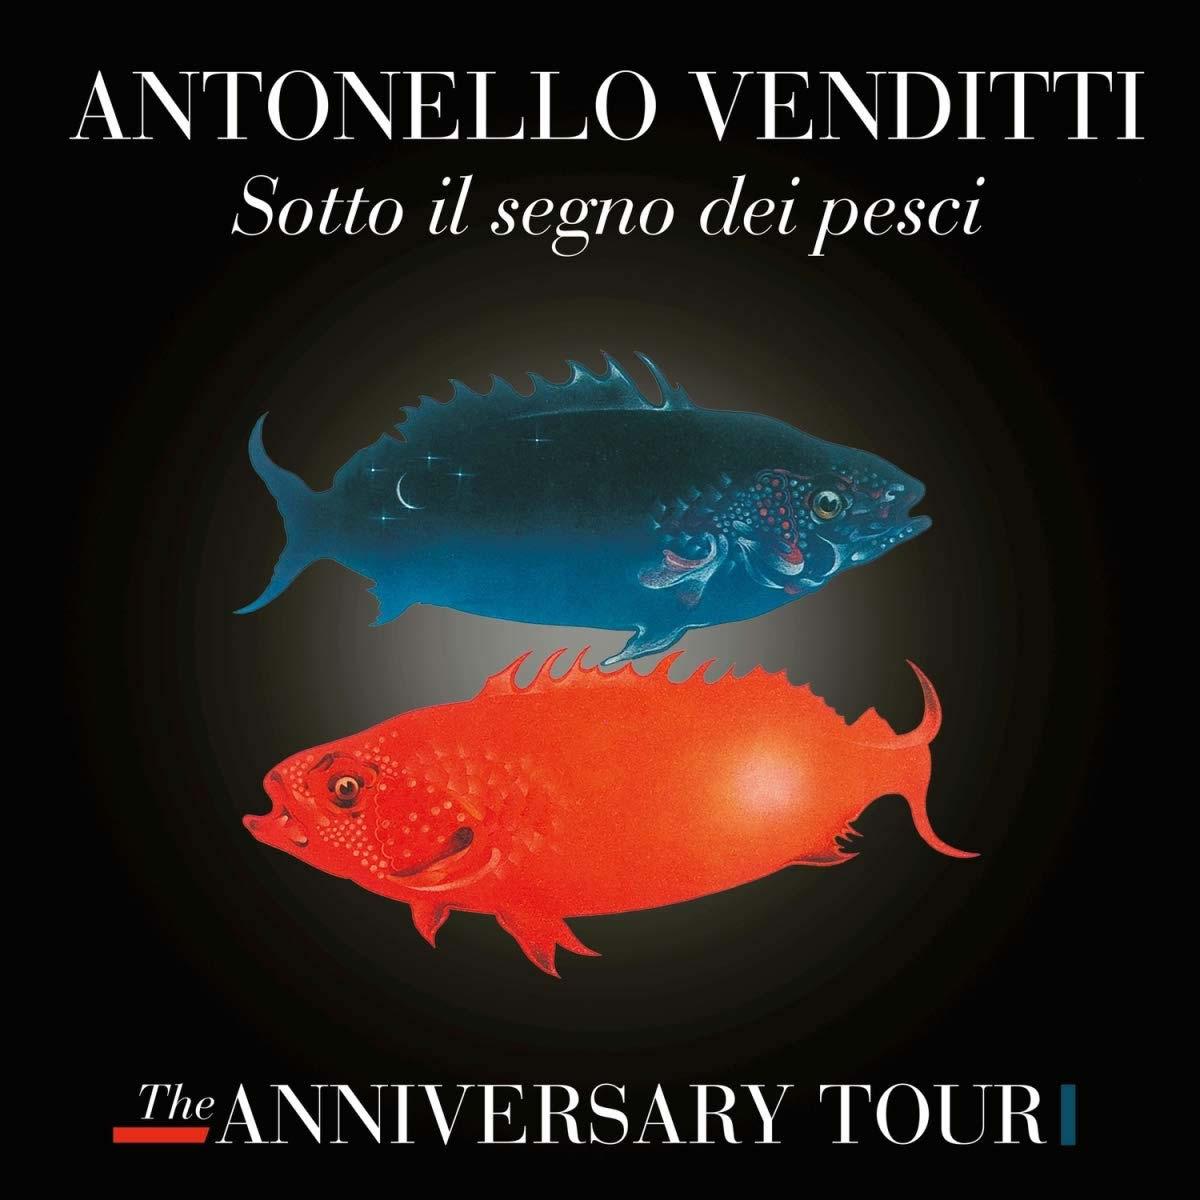 Antonello Venditti in concerto a Londra